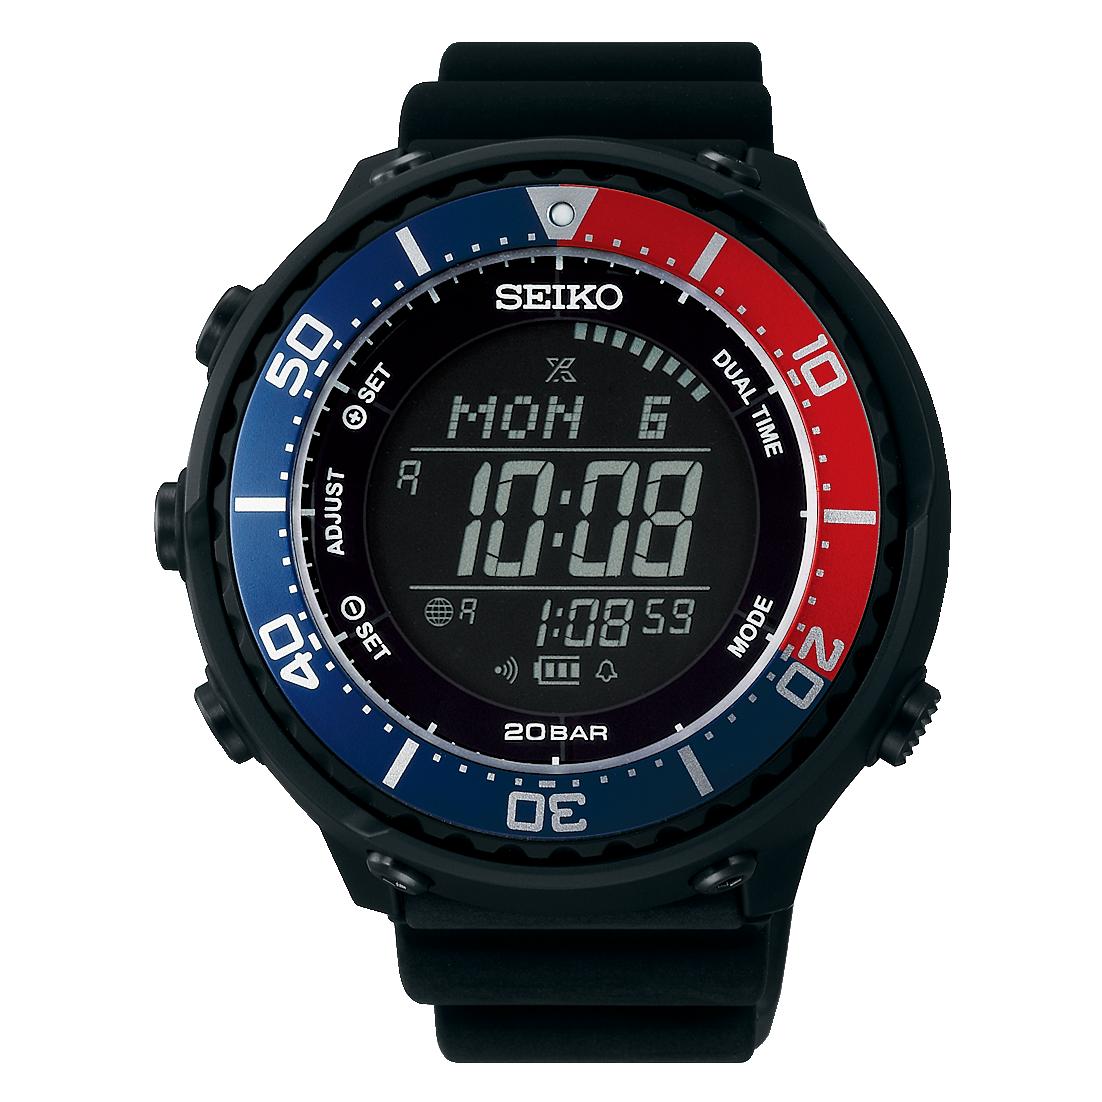 【時計クロス付き】セイコー プロスペックス 腕時計 PROSPEX LOWERCASEプロデュース フィールドマスター ソーラー デジタル SBEP003 メンズ【送料無料】